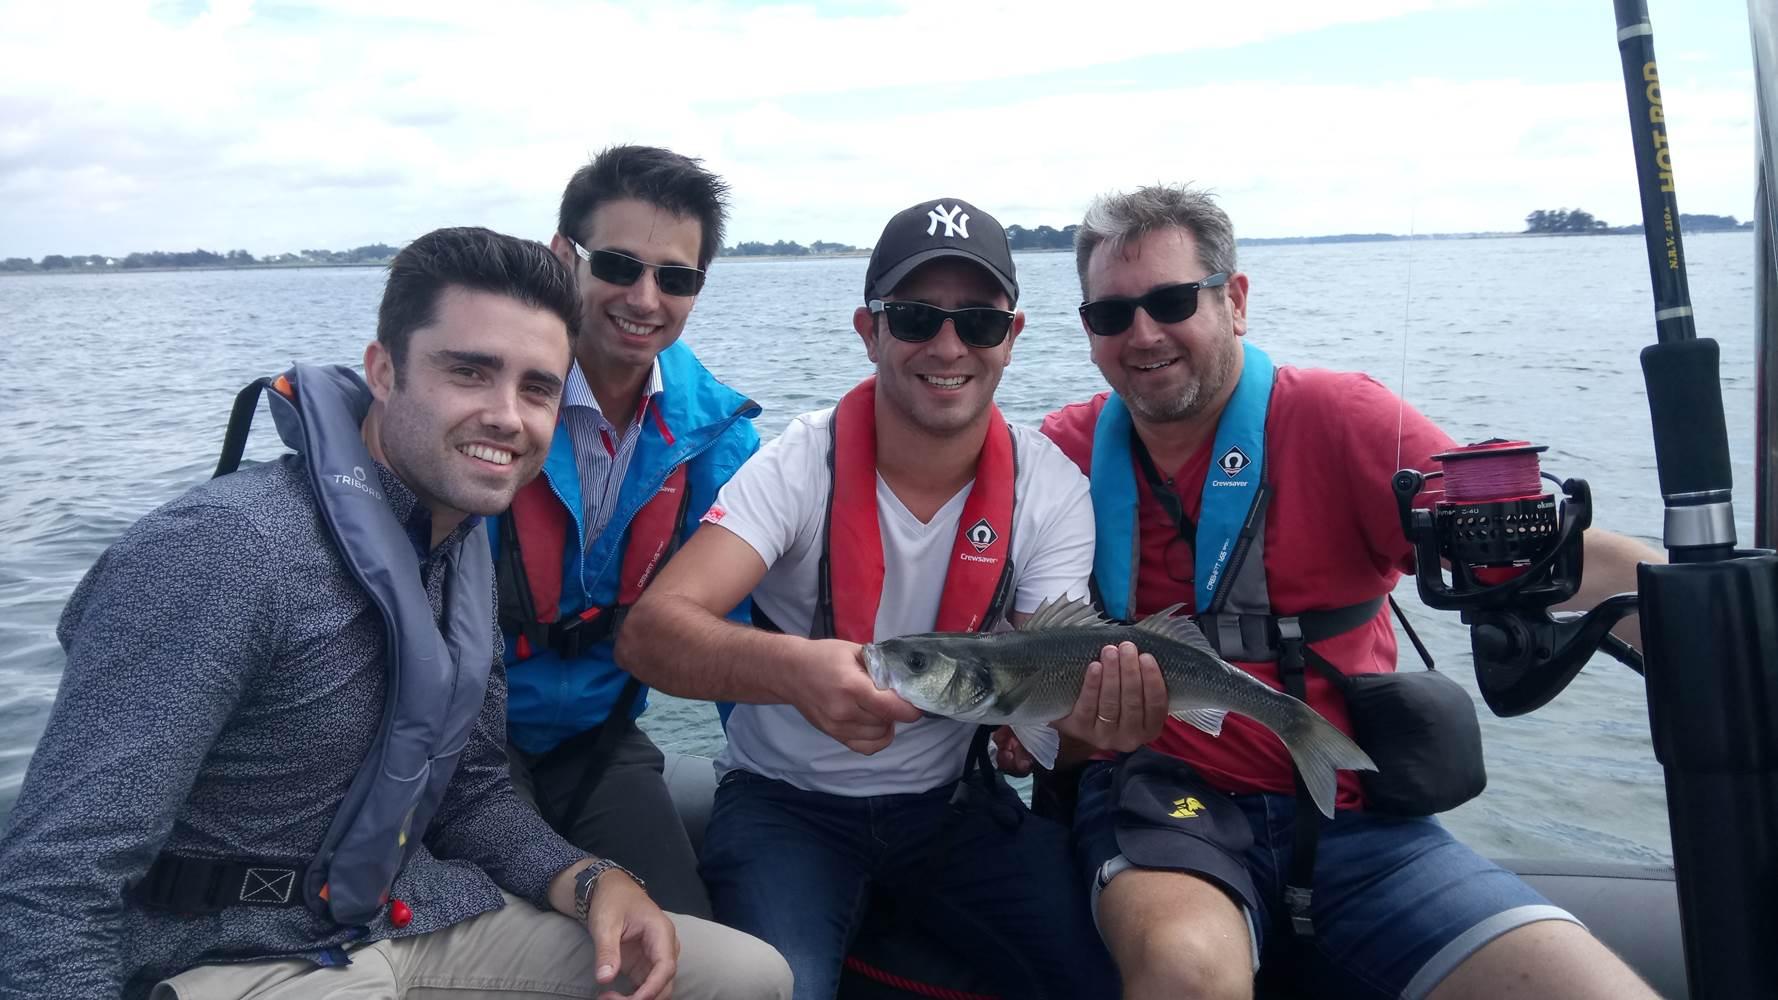 Sortie peche en mer à Sarzeau, au port du Logeo, avec Mickaël RIO comme guide de pêche ! ©